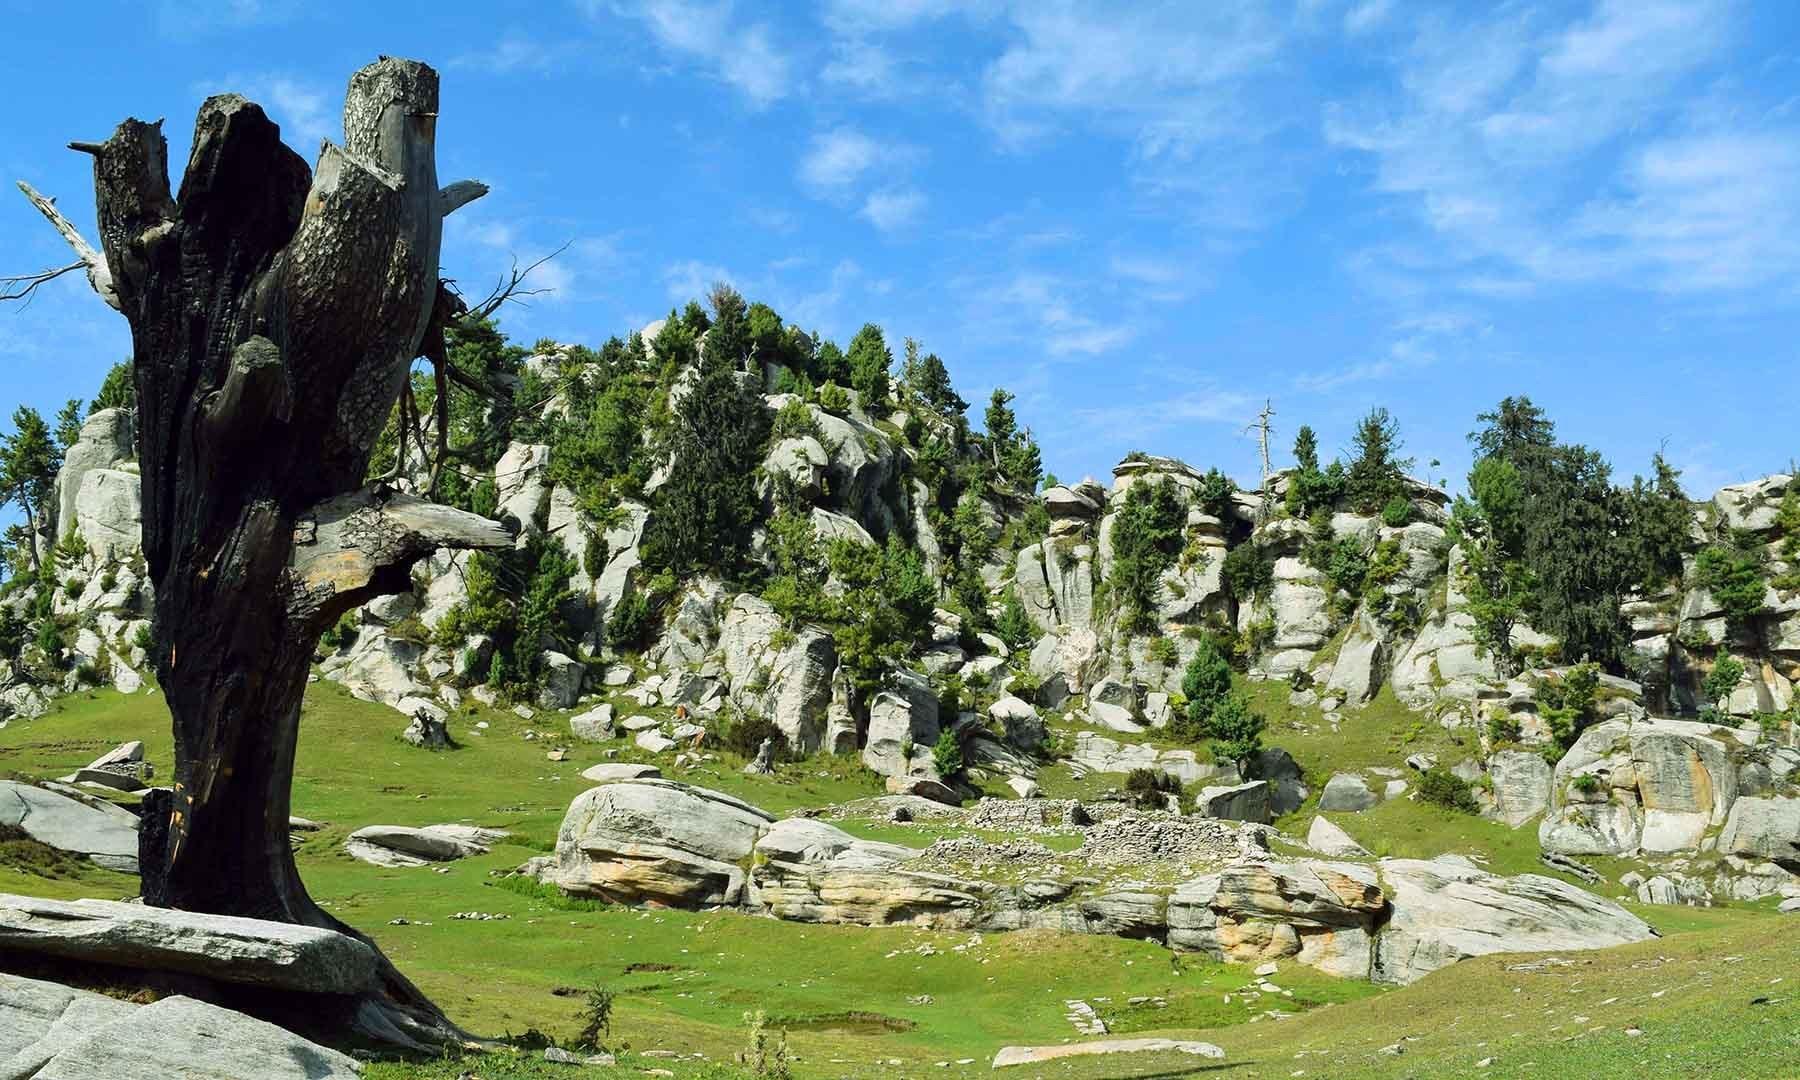 وہ پہاڑ جہاں رام تخت قائم ہے۔